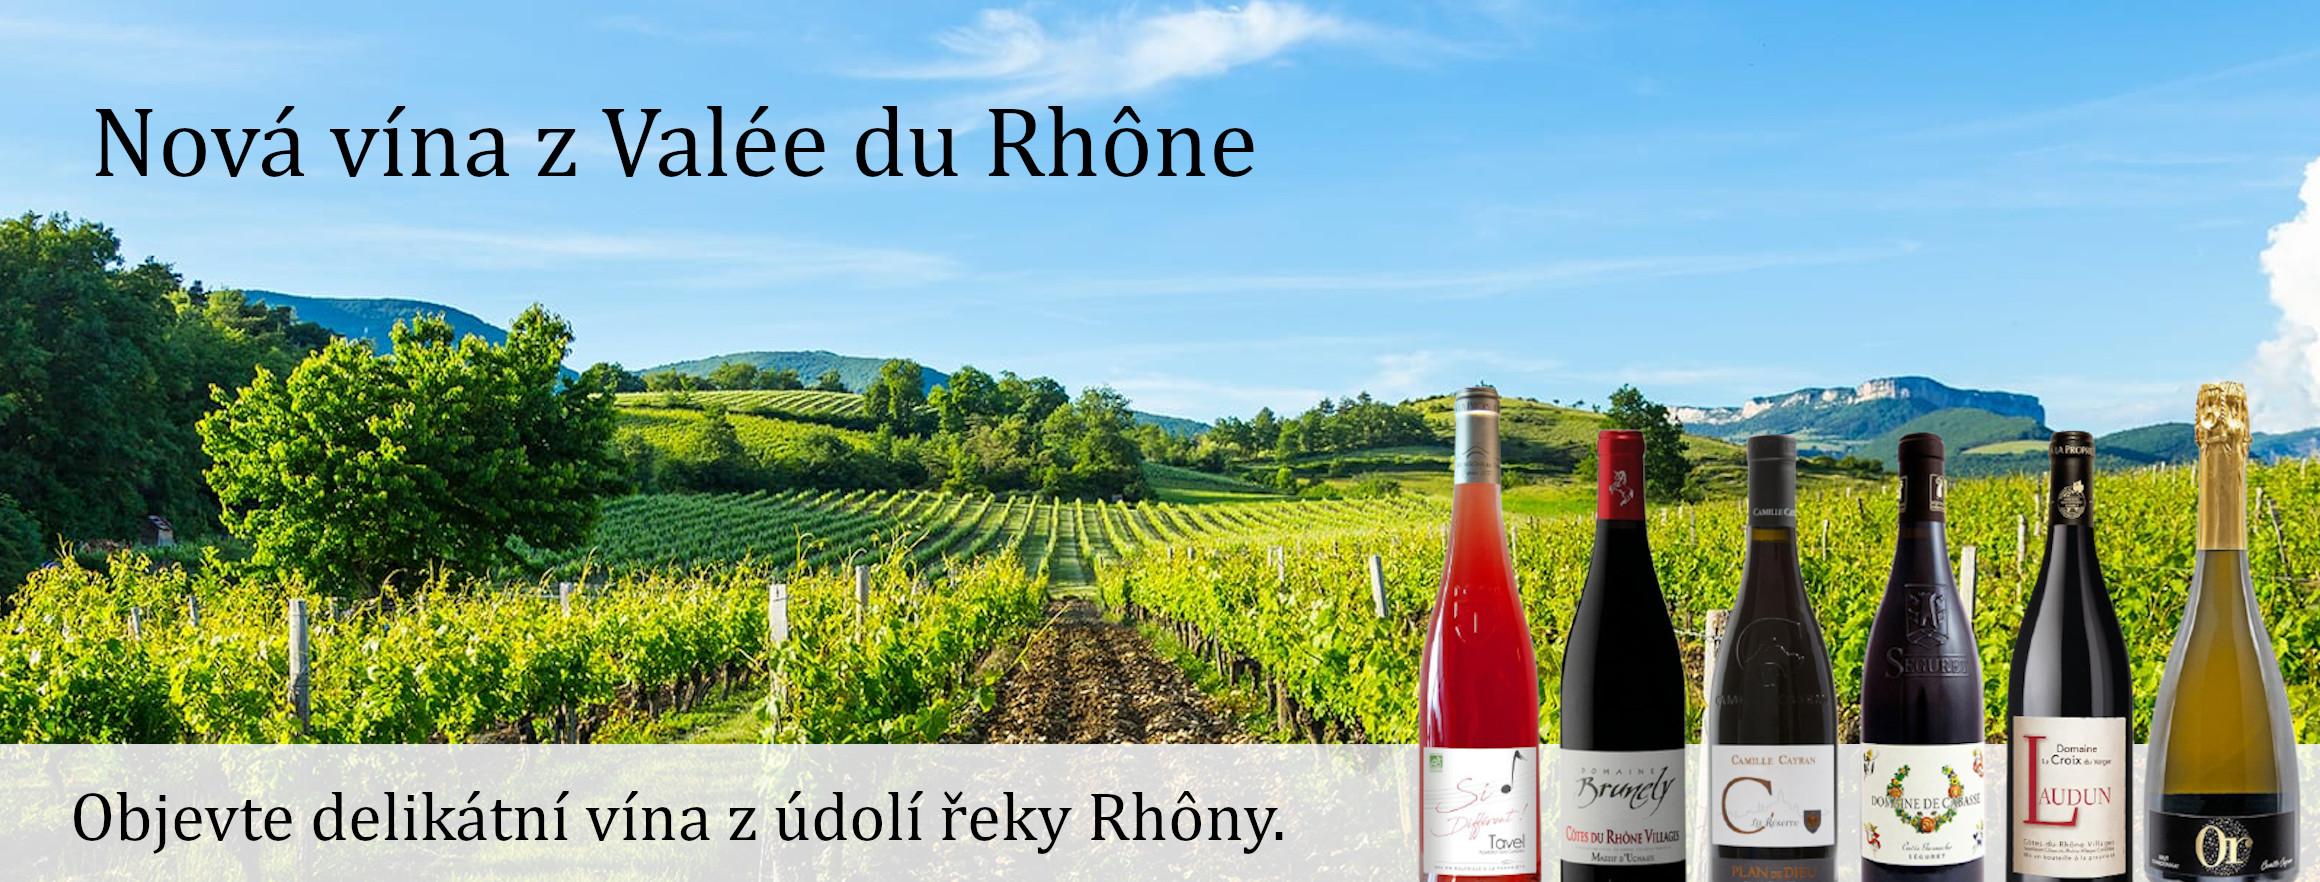 Velée du Rhone